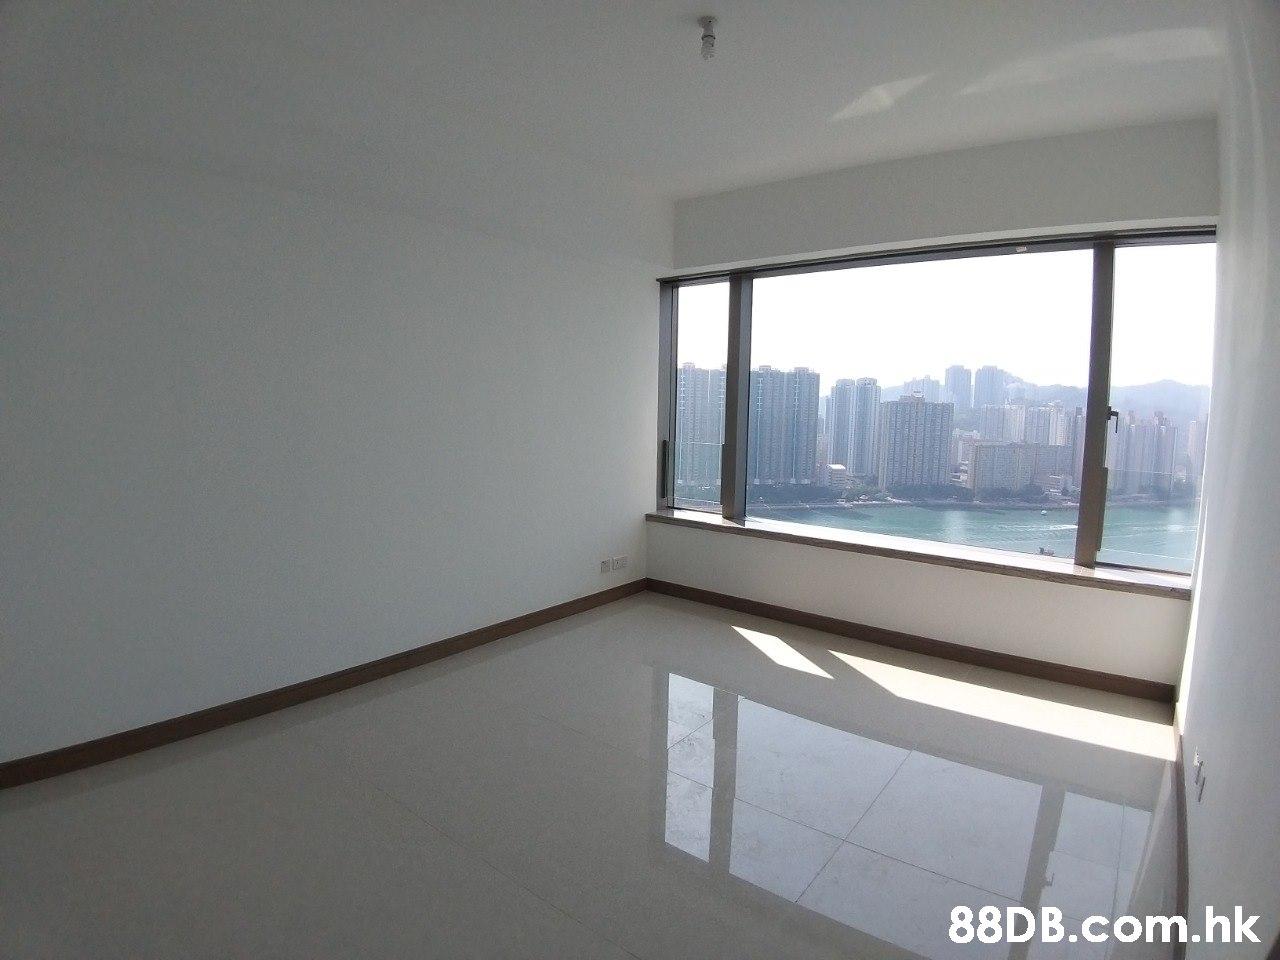 .hk  Property,Room,Daylighting,Building,Floor